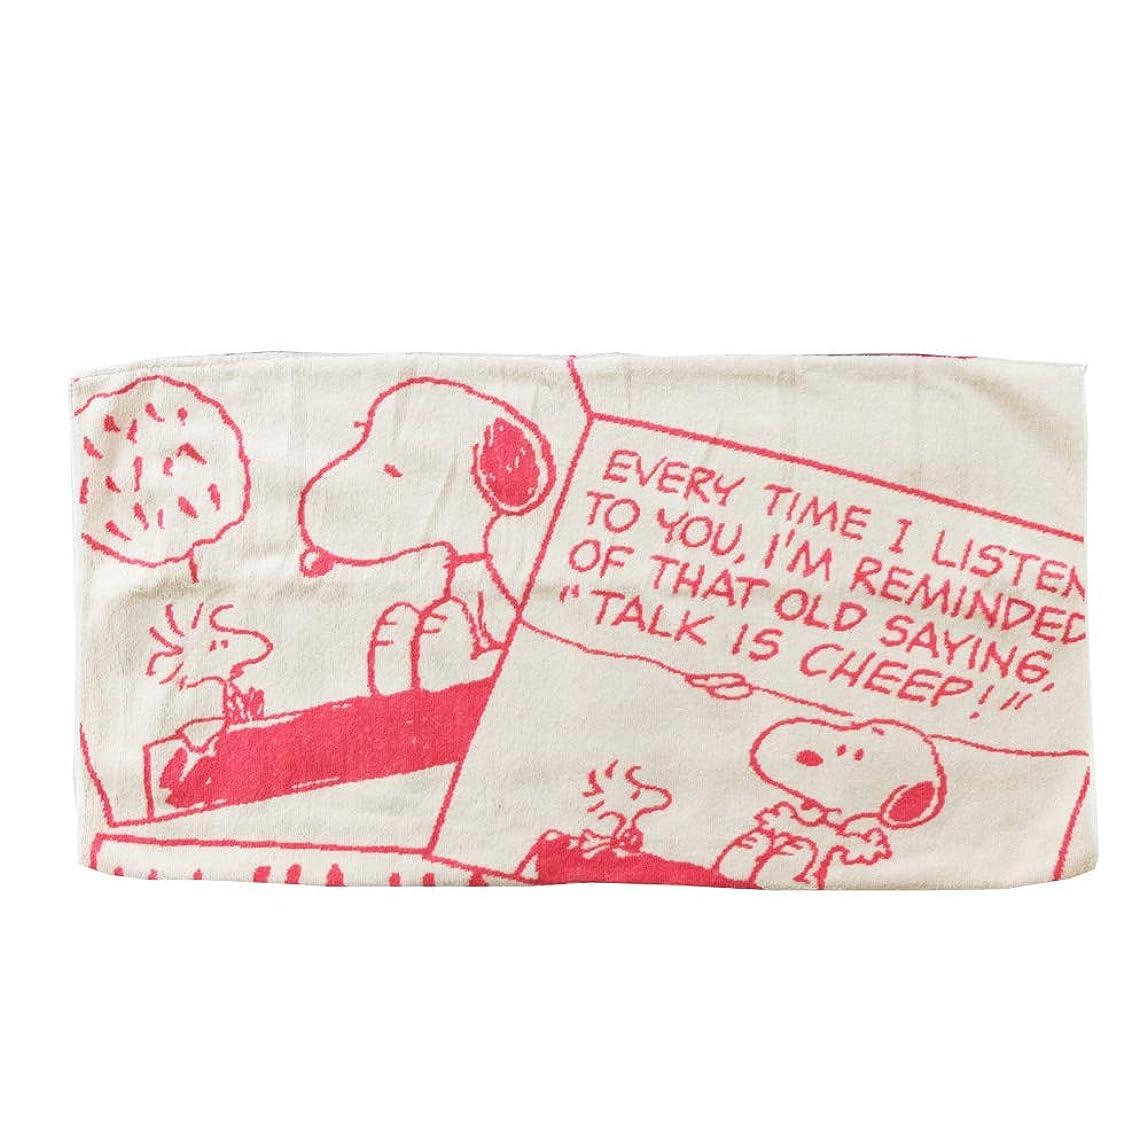 ワーム恒久的呼吸スヌーピー のびのびタオルピローケース (枕カバー/まくらカバー/寝具) AG ピンク コミック